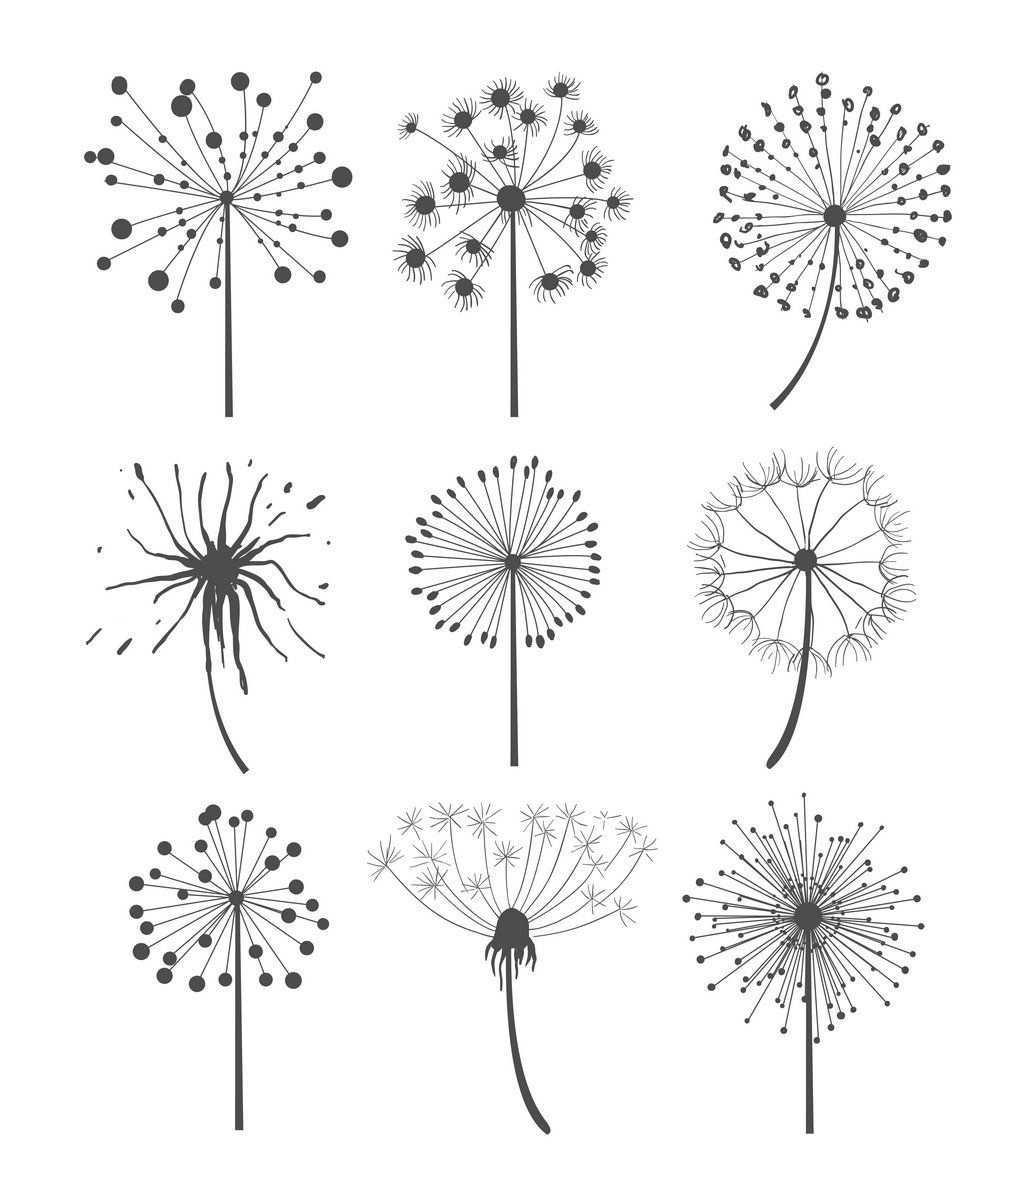 Flaschenmalung Lowenzahn Zeichnung Blumen Zeichnen Blumenzeichnung